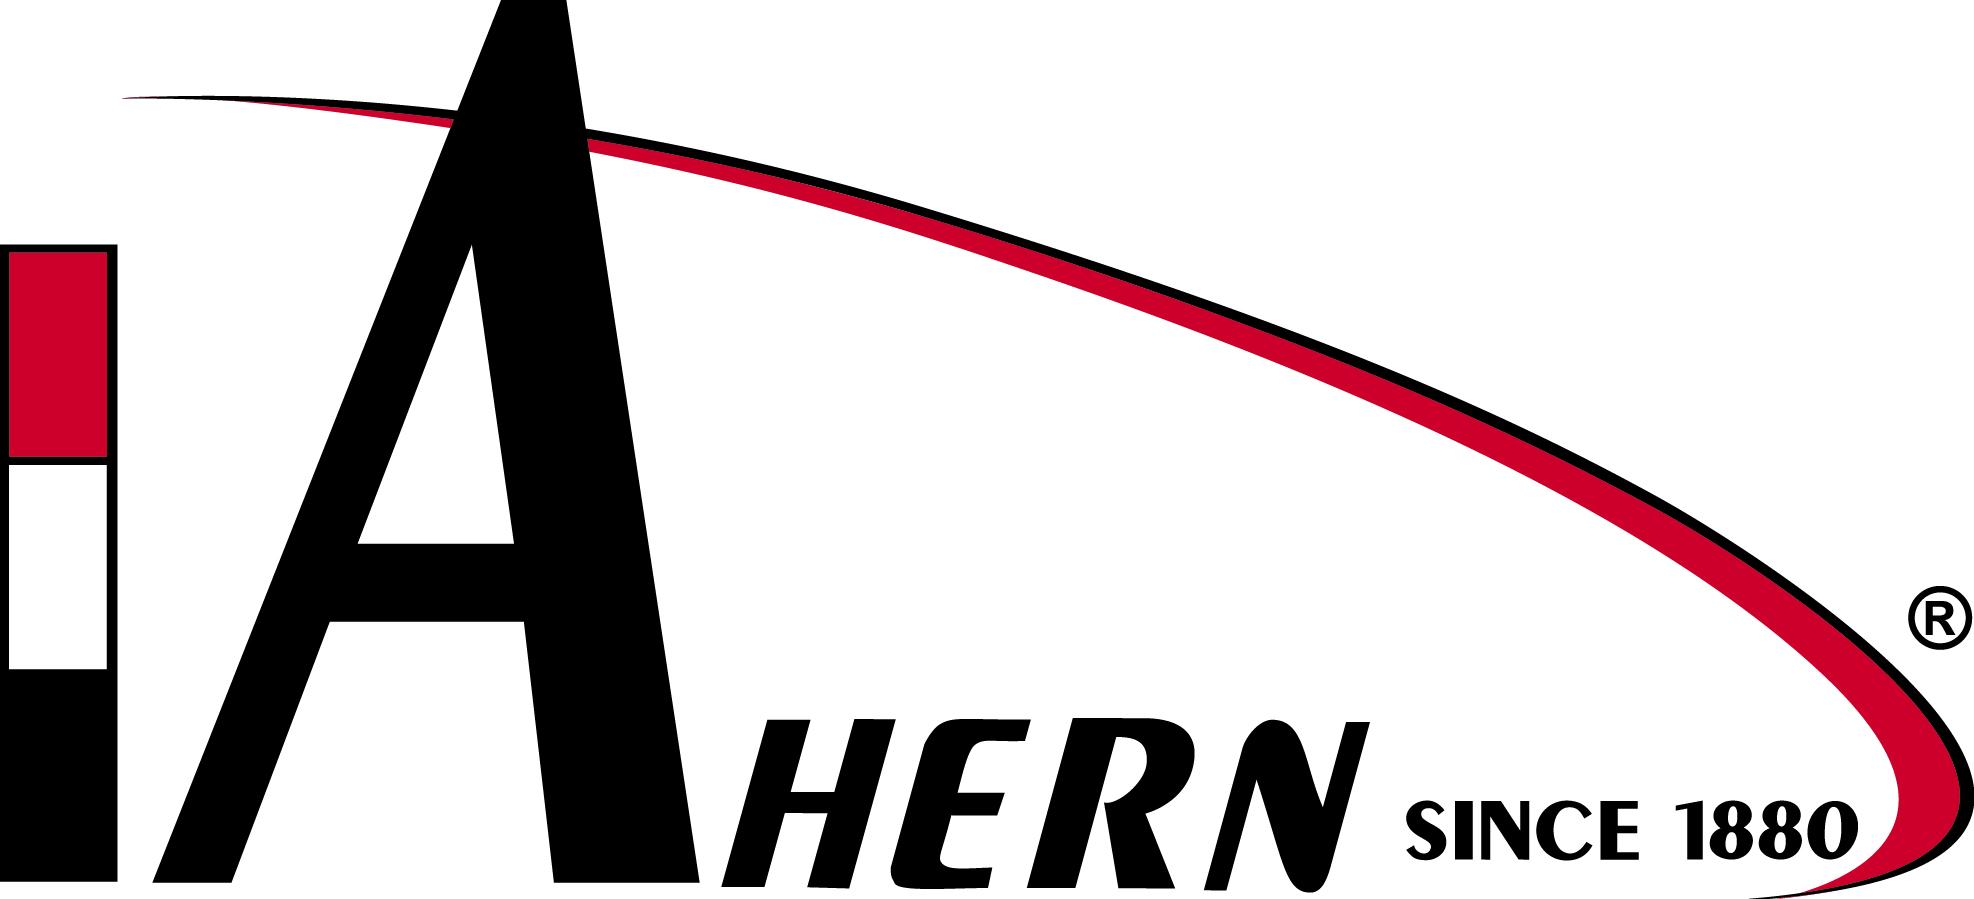 Ahern Logo_High Res $755.jpg